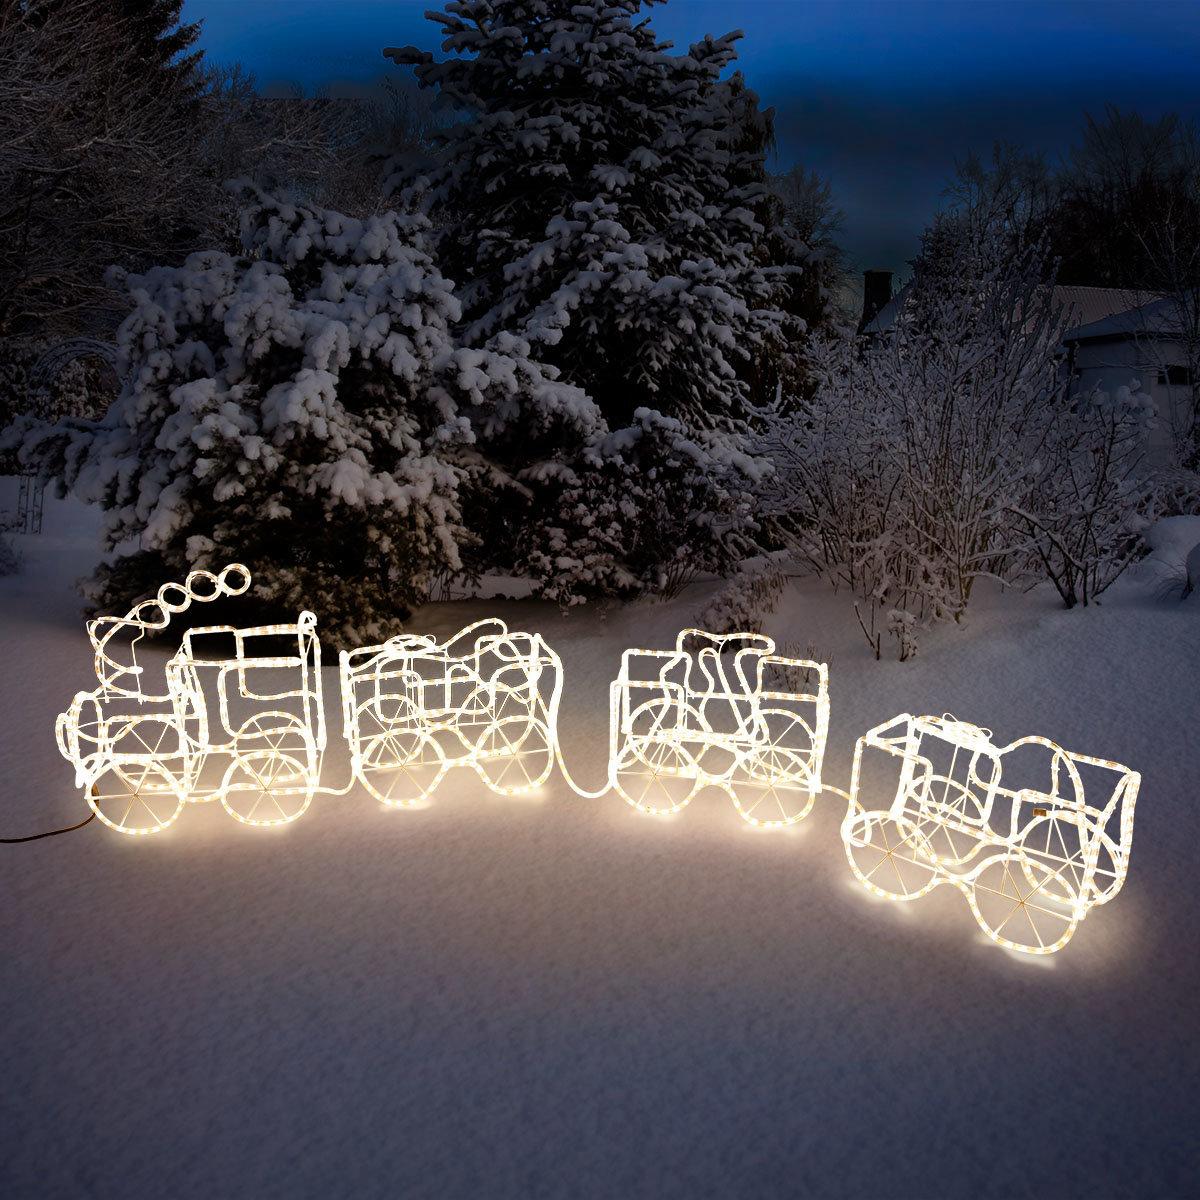 led weihnachtszug mit 3 waggons online kaufen bei g rtner p tschke. Black Bedroom Furniture Sets. Home Design Ideas